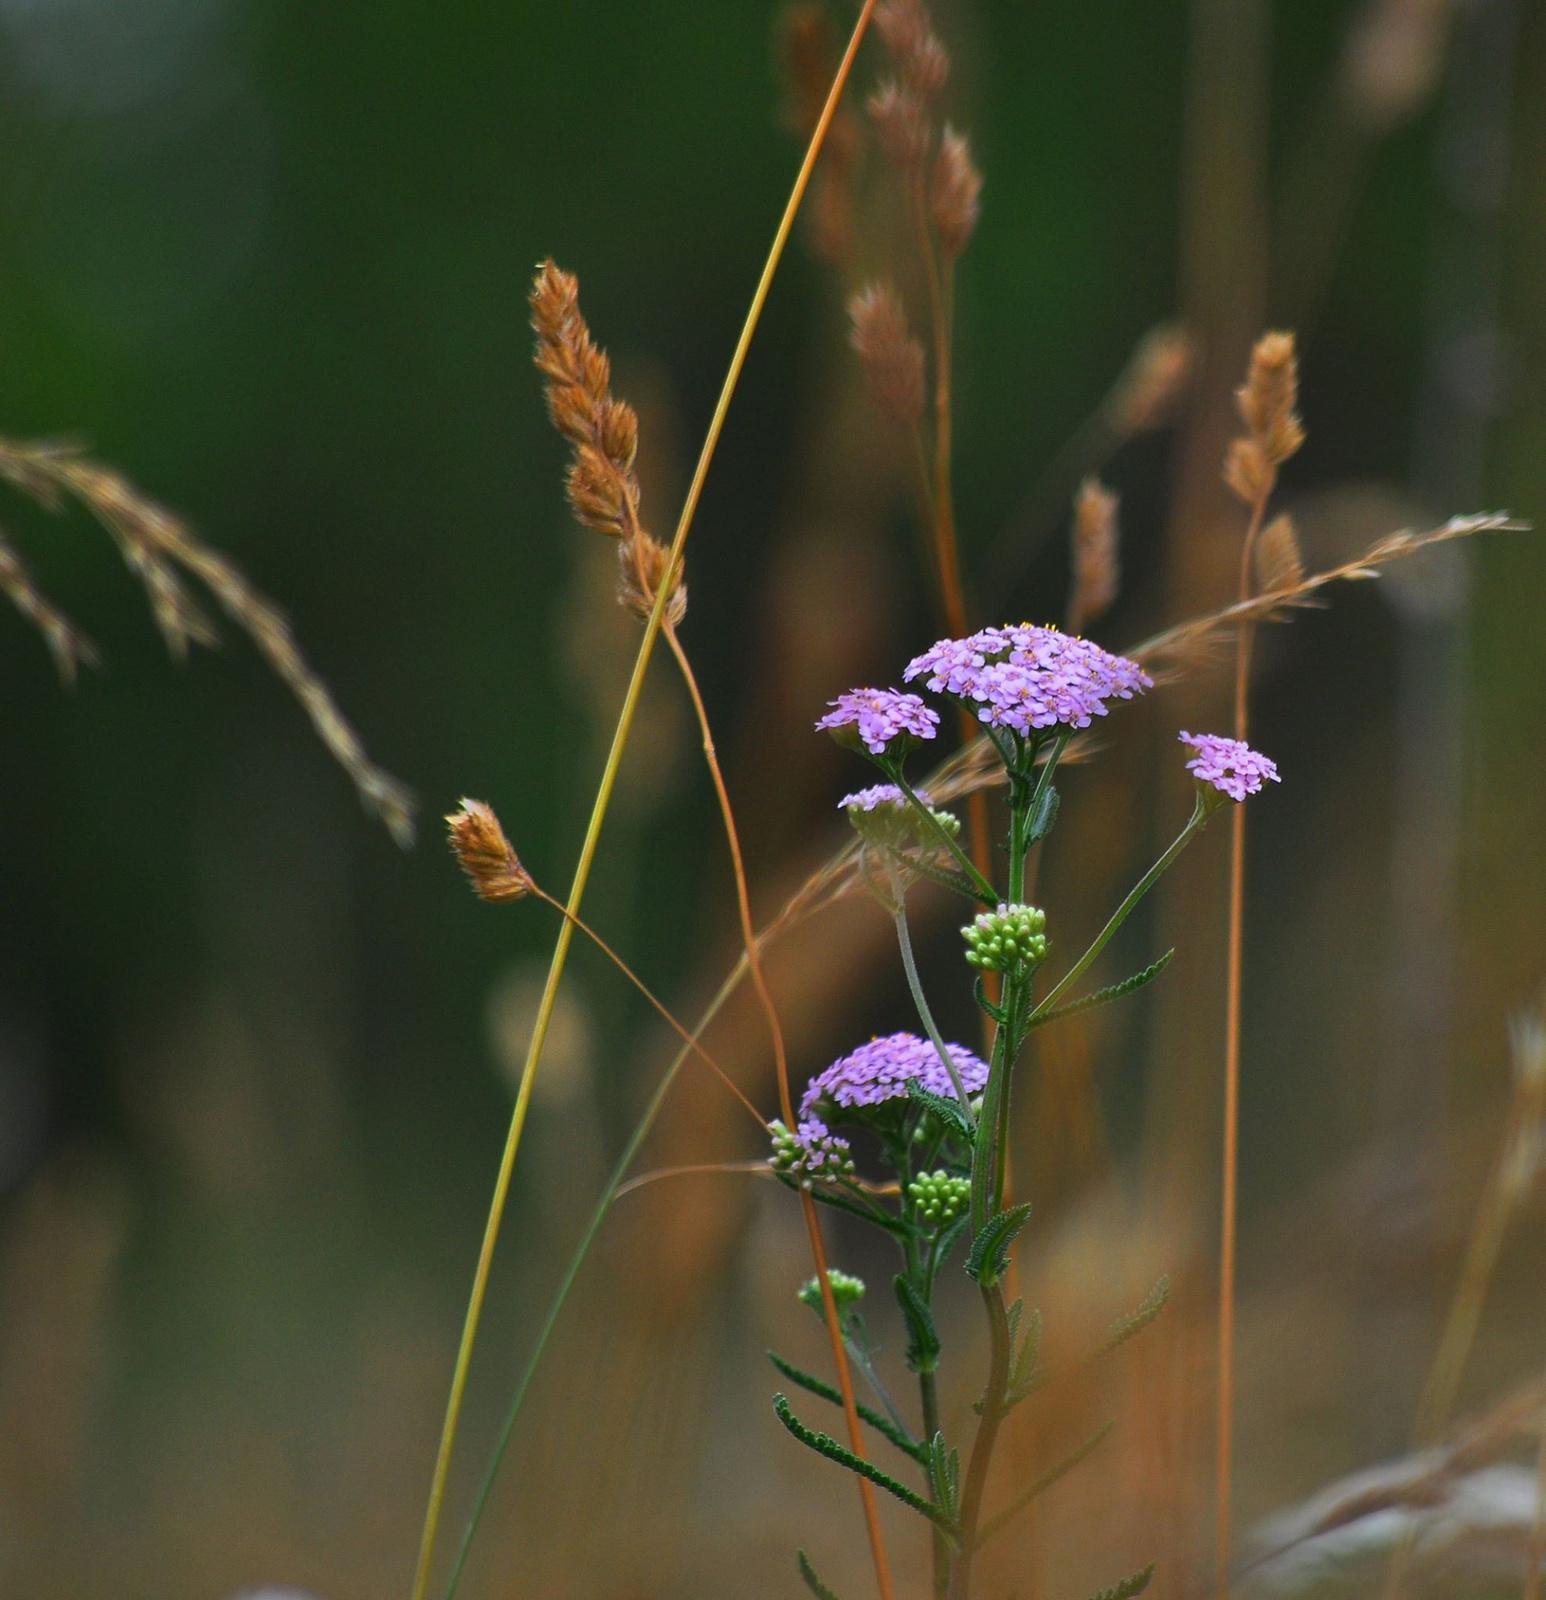 Néhány szál a fűben